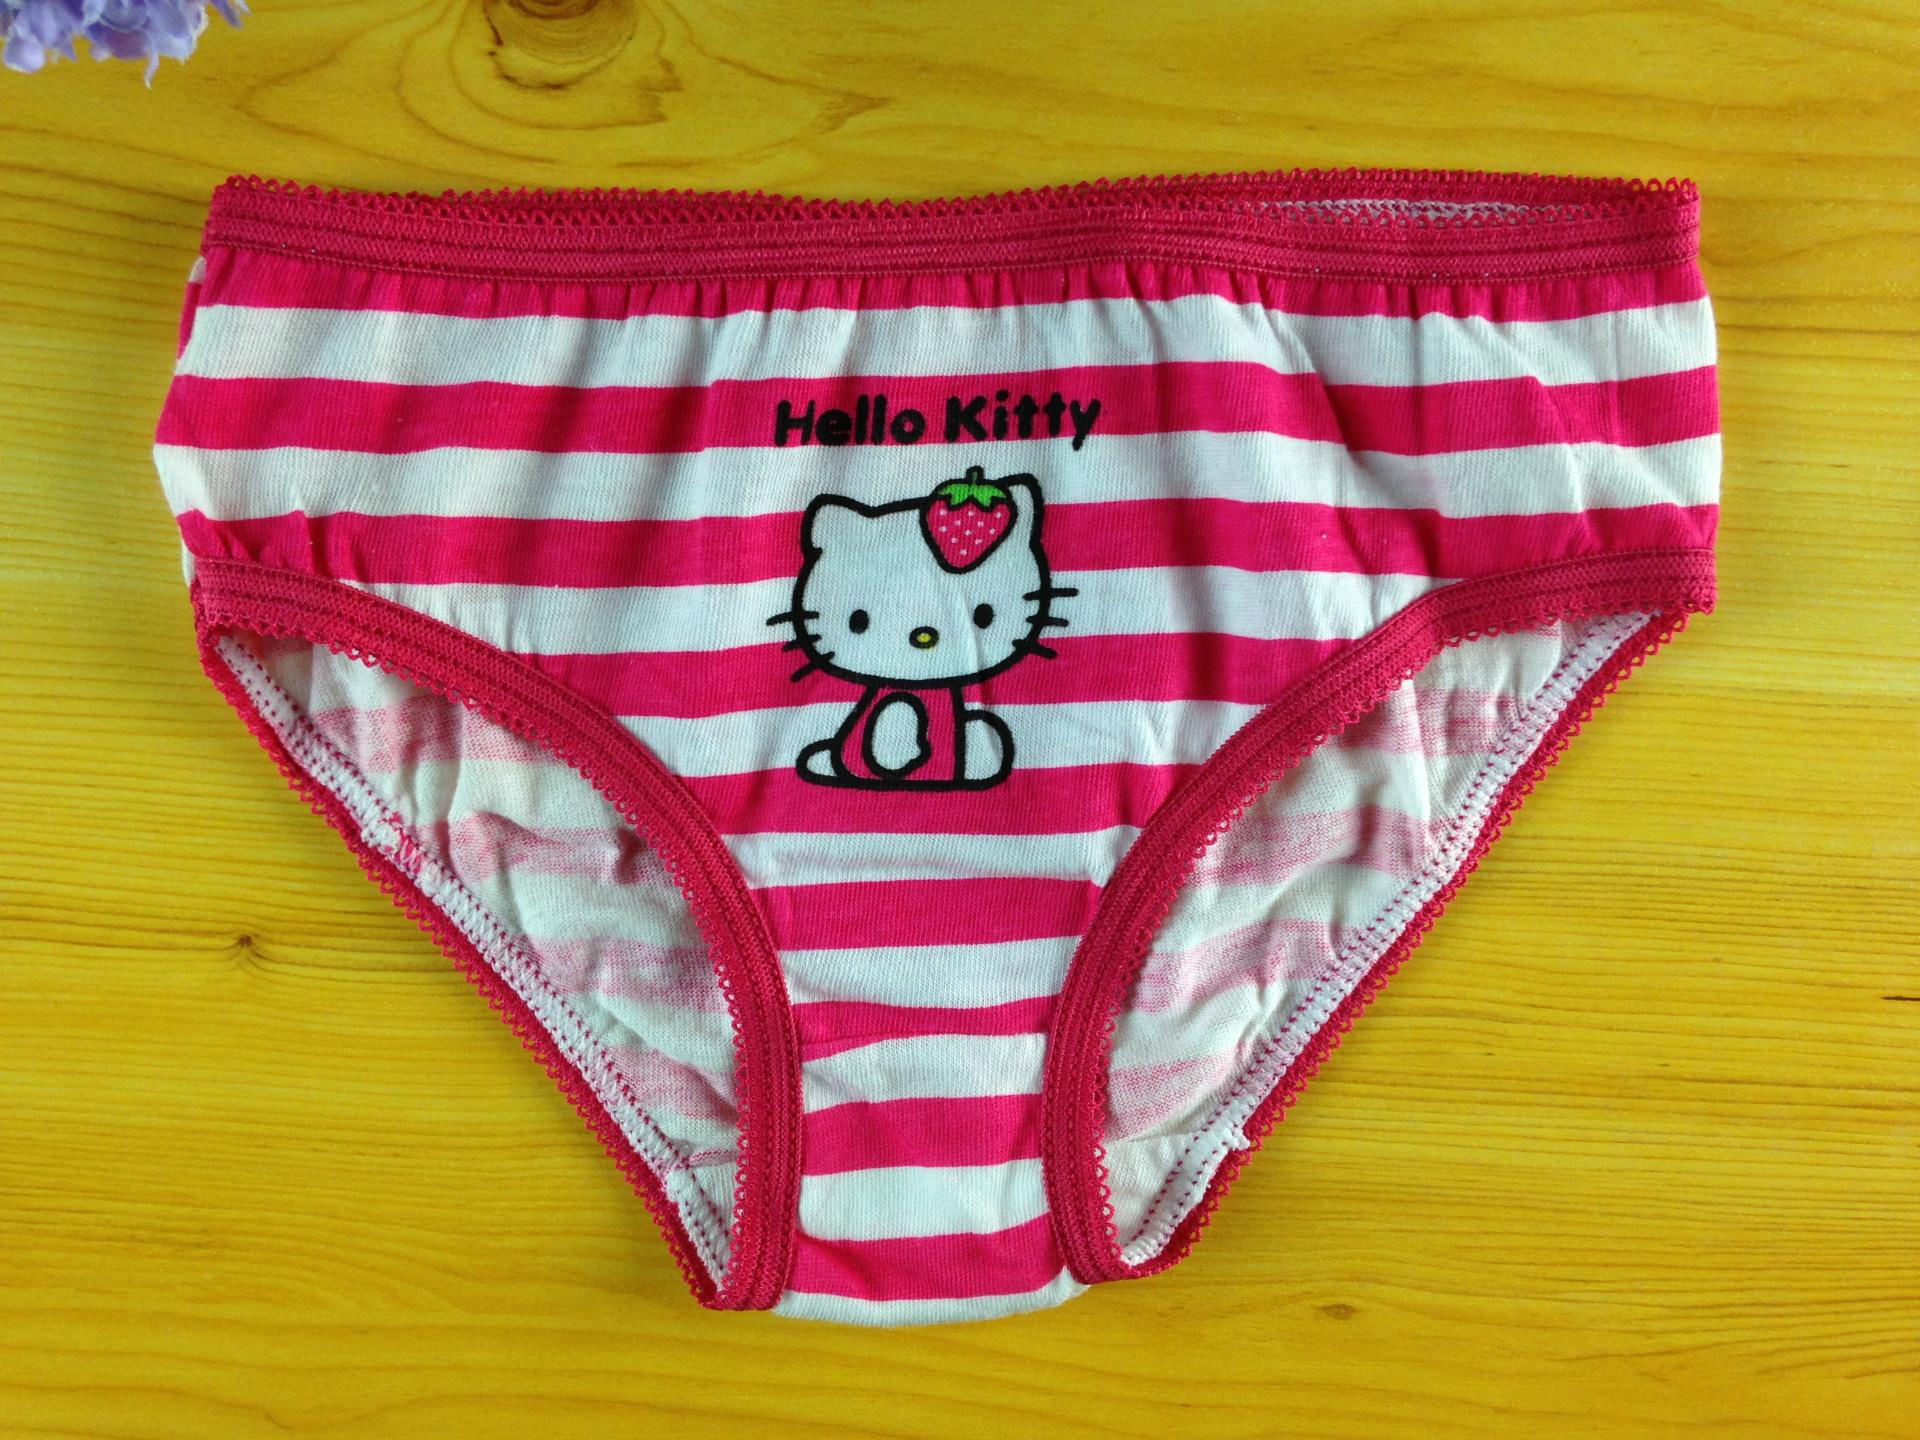 2 Pairs Girls Children Kids Hello Kitty Cute Cotton Pantie